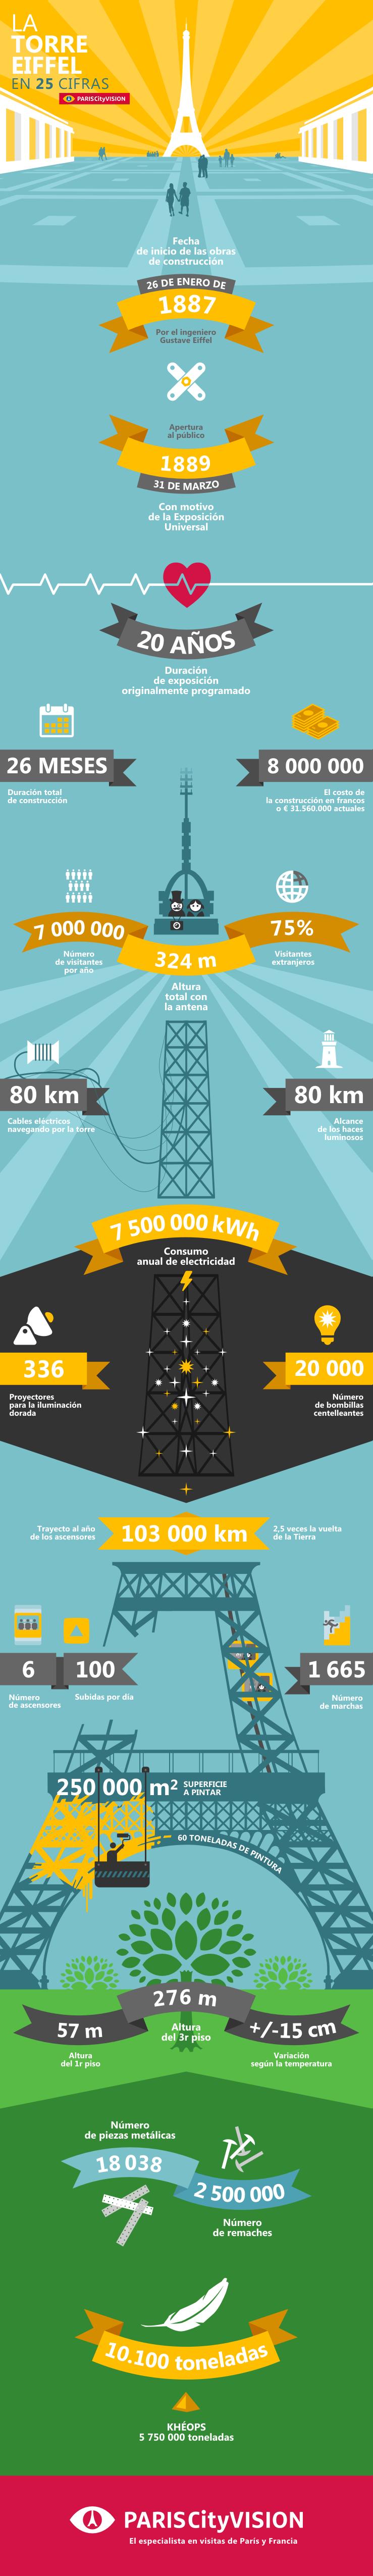 La Torre Eiffel en 25 cifras